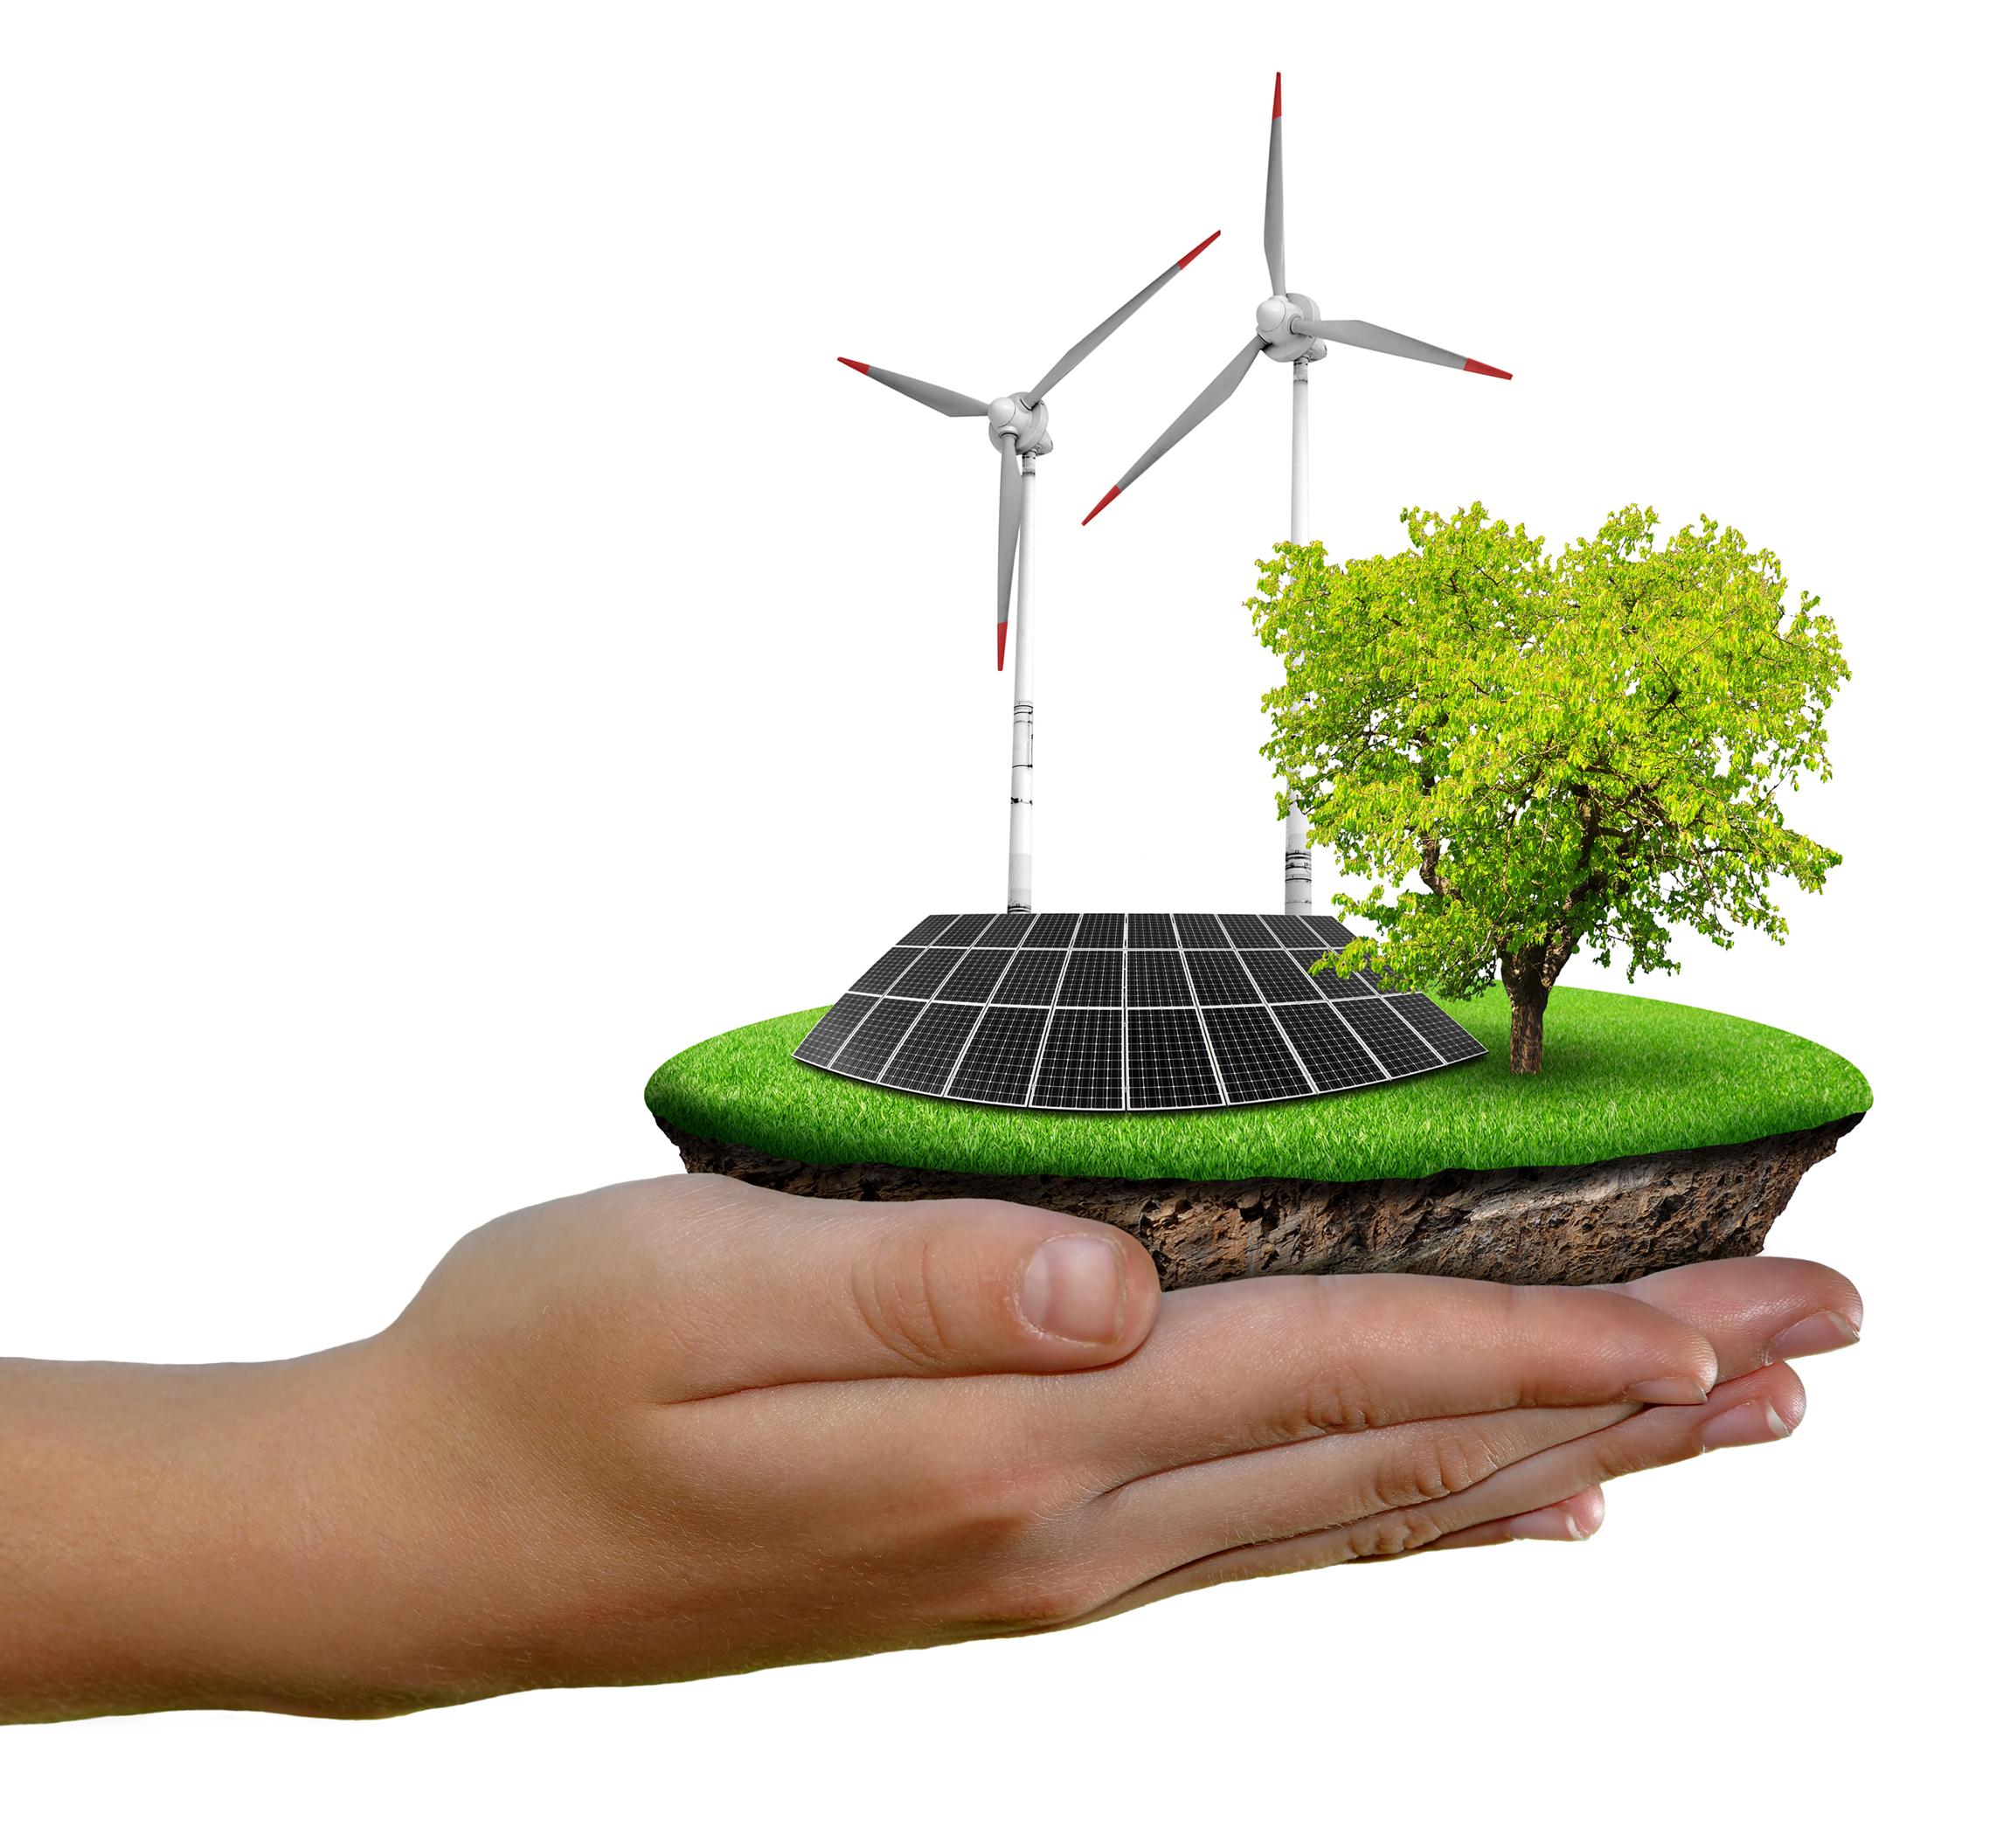 Le aziende del settore energy e utility devono agire ora per contribuire a salvare il pianeta